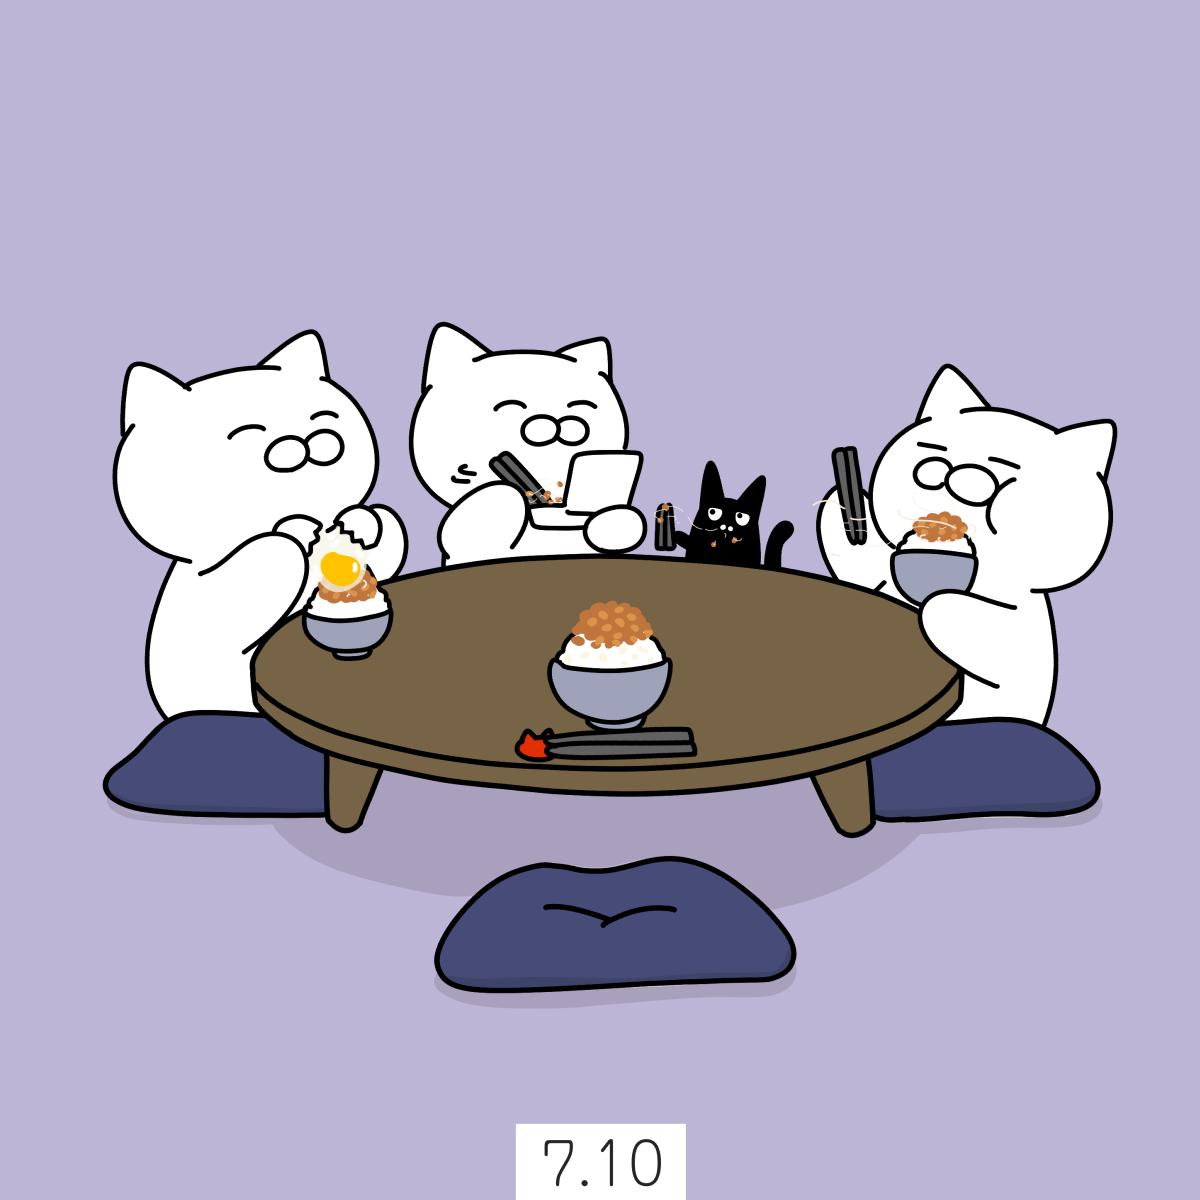 7月10日【#納豆の日】「710→なっとう」の語呂合わせで制定されました。